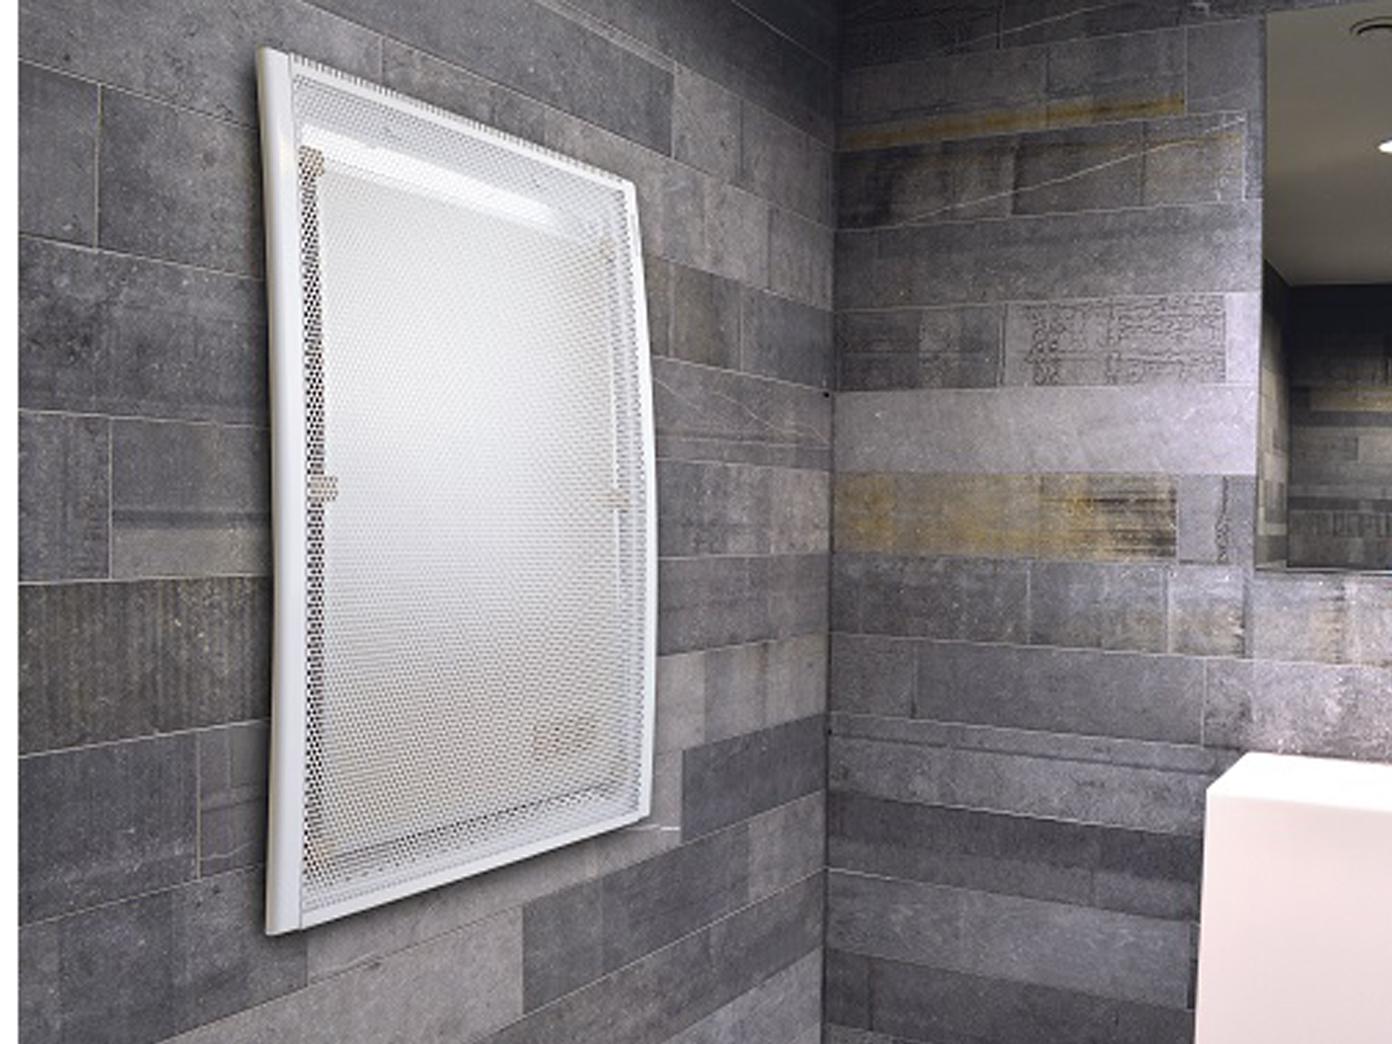 mica elektro w rmewellenheizung stand wand heizung schnellheizer badezimmer ebay. Black Bedroom Furniture Sets. Home Design Ideas